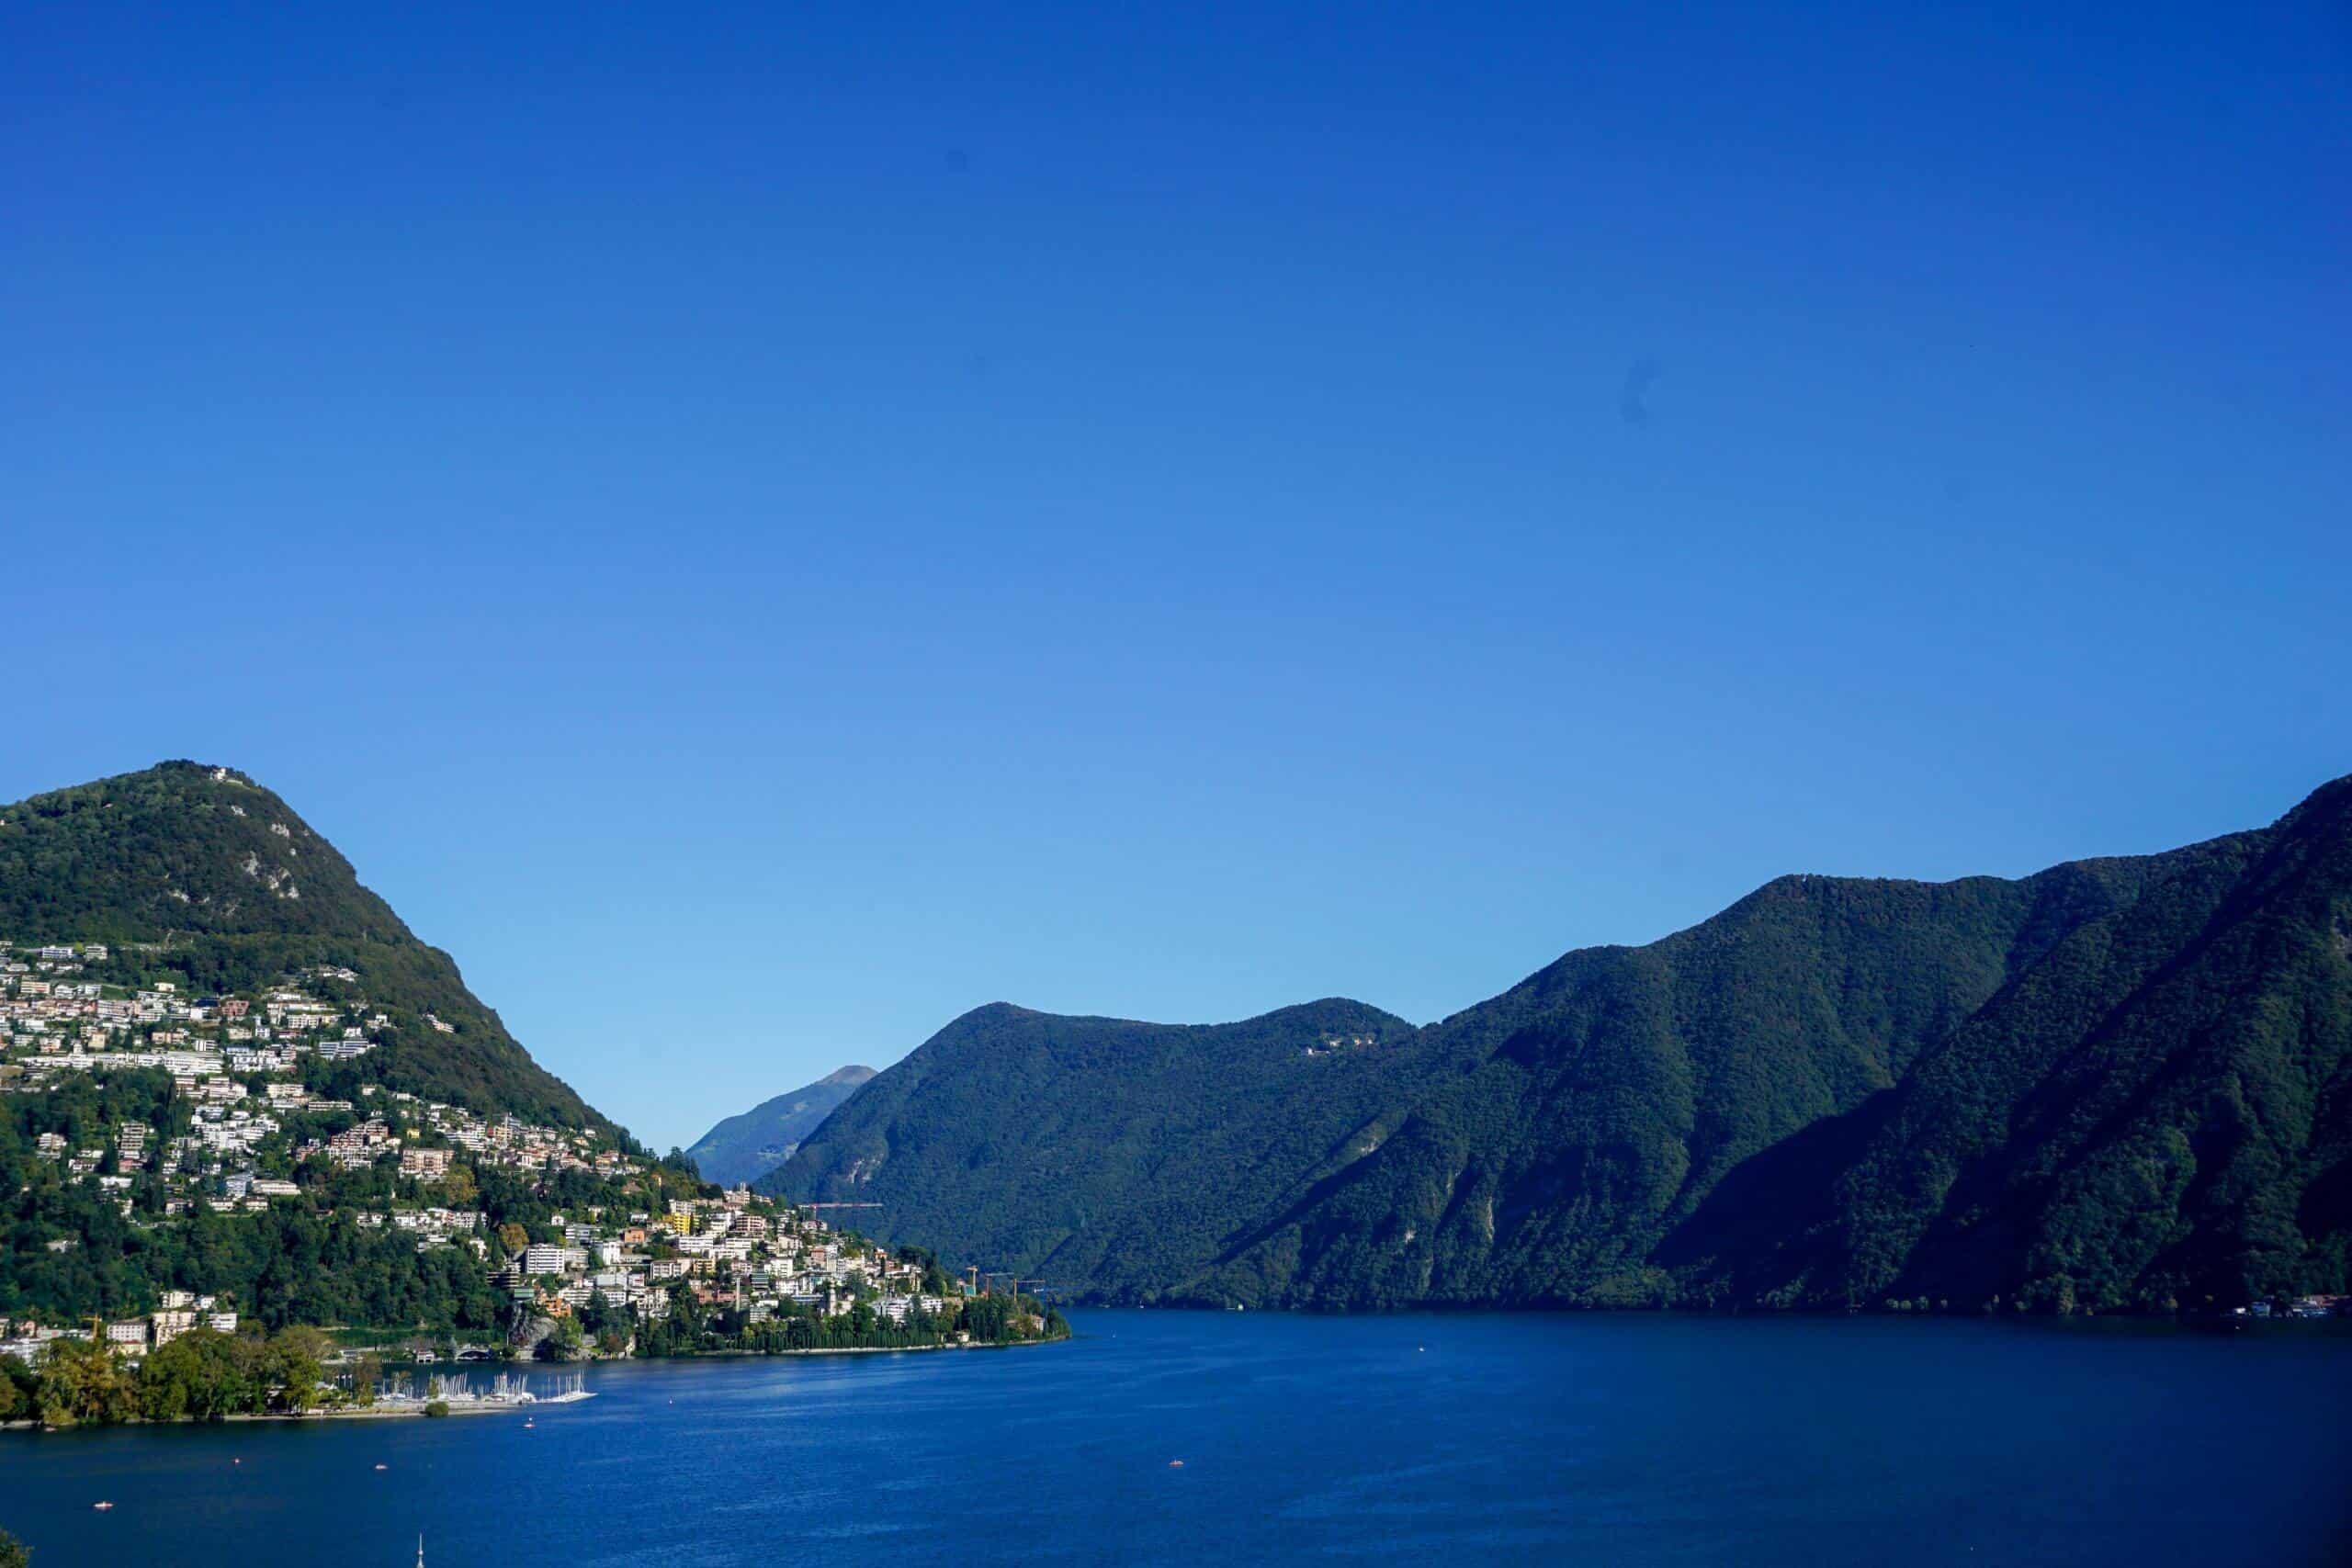 Italy to Switzerland